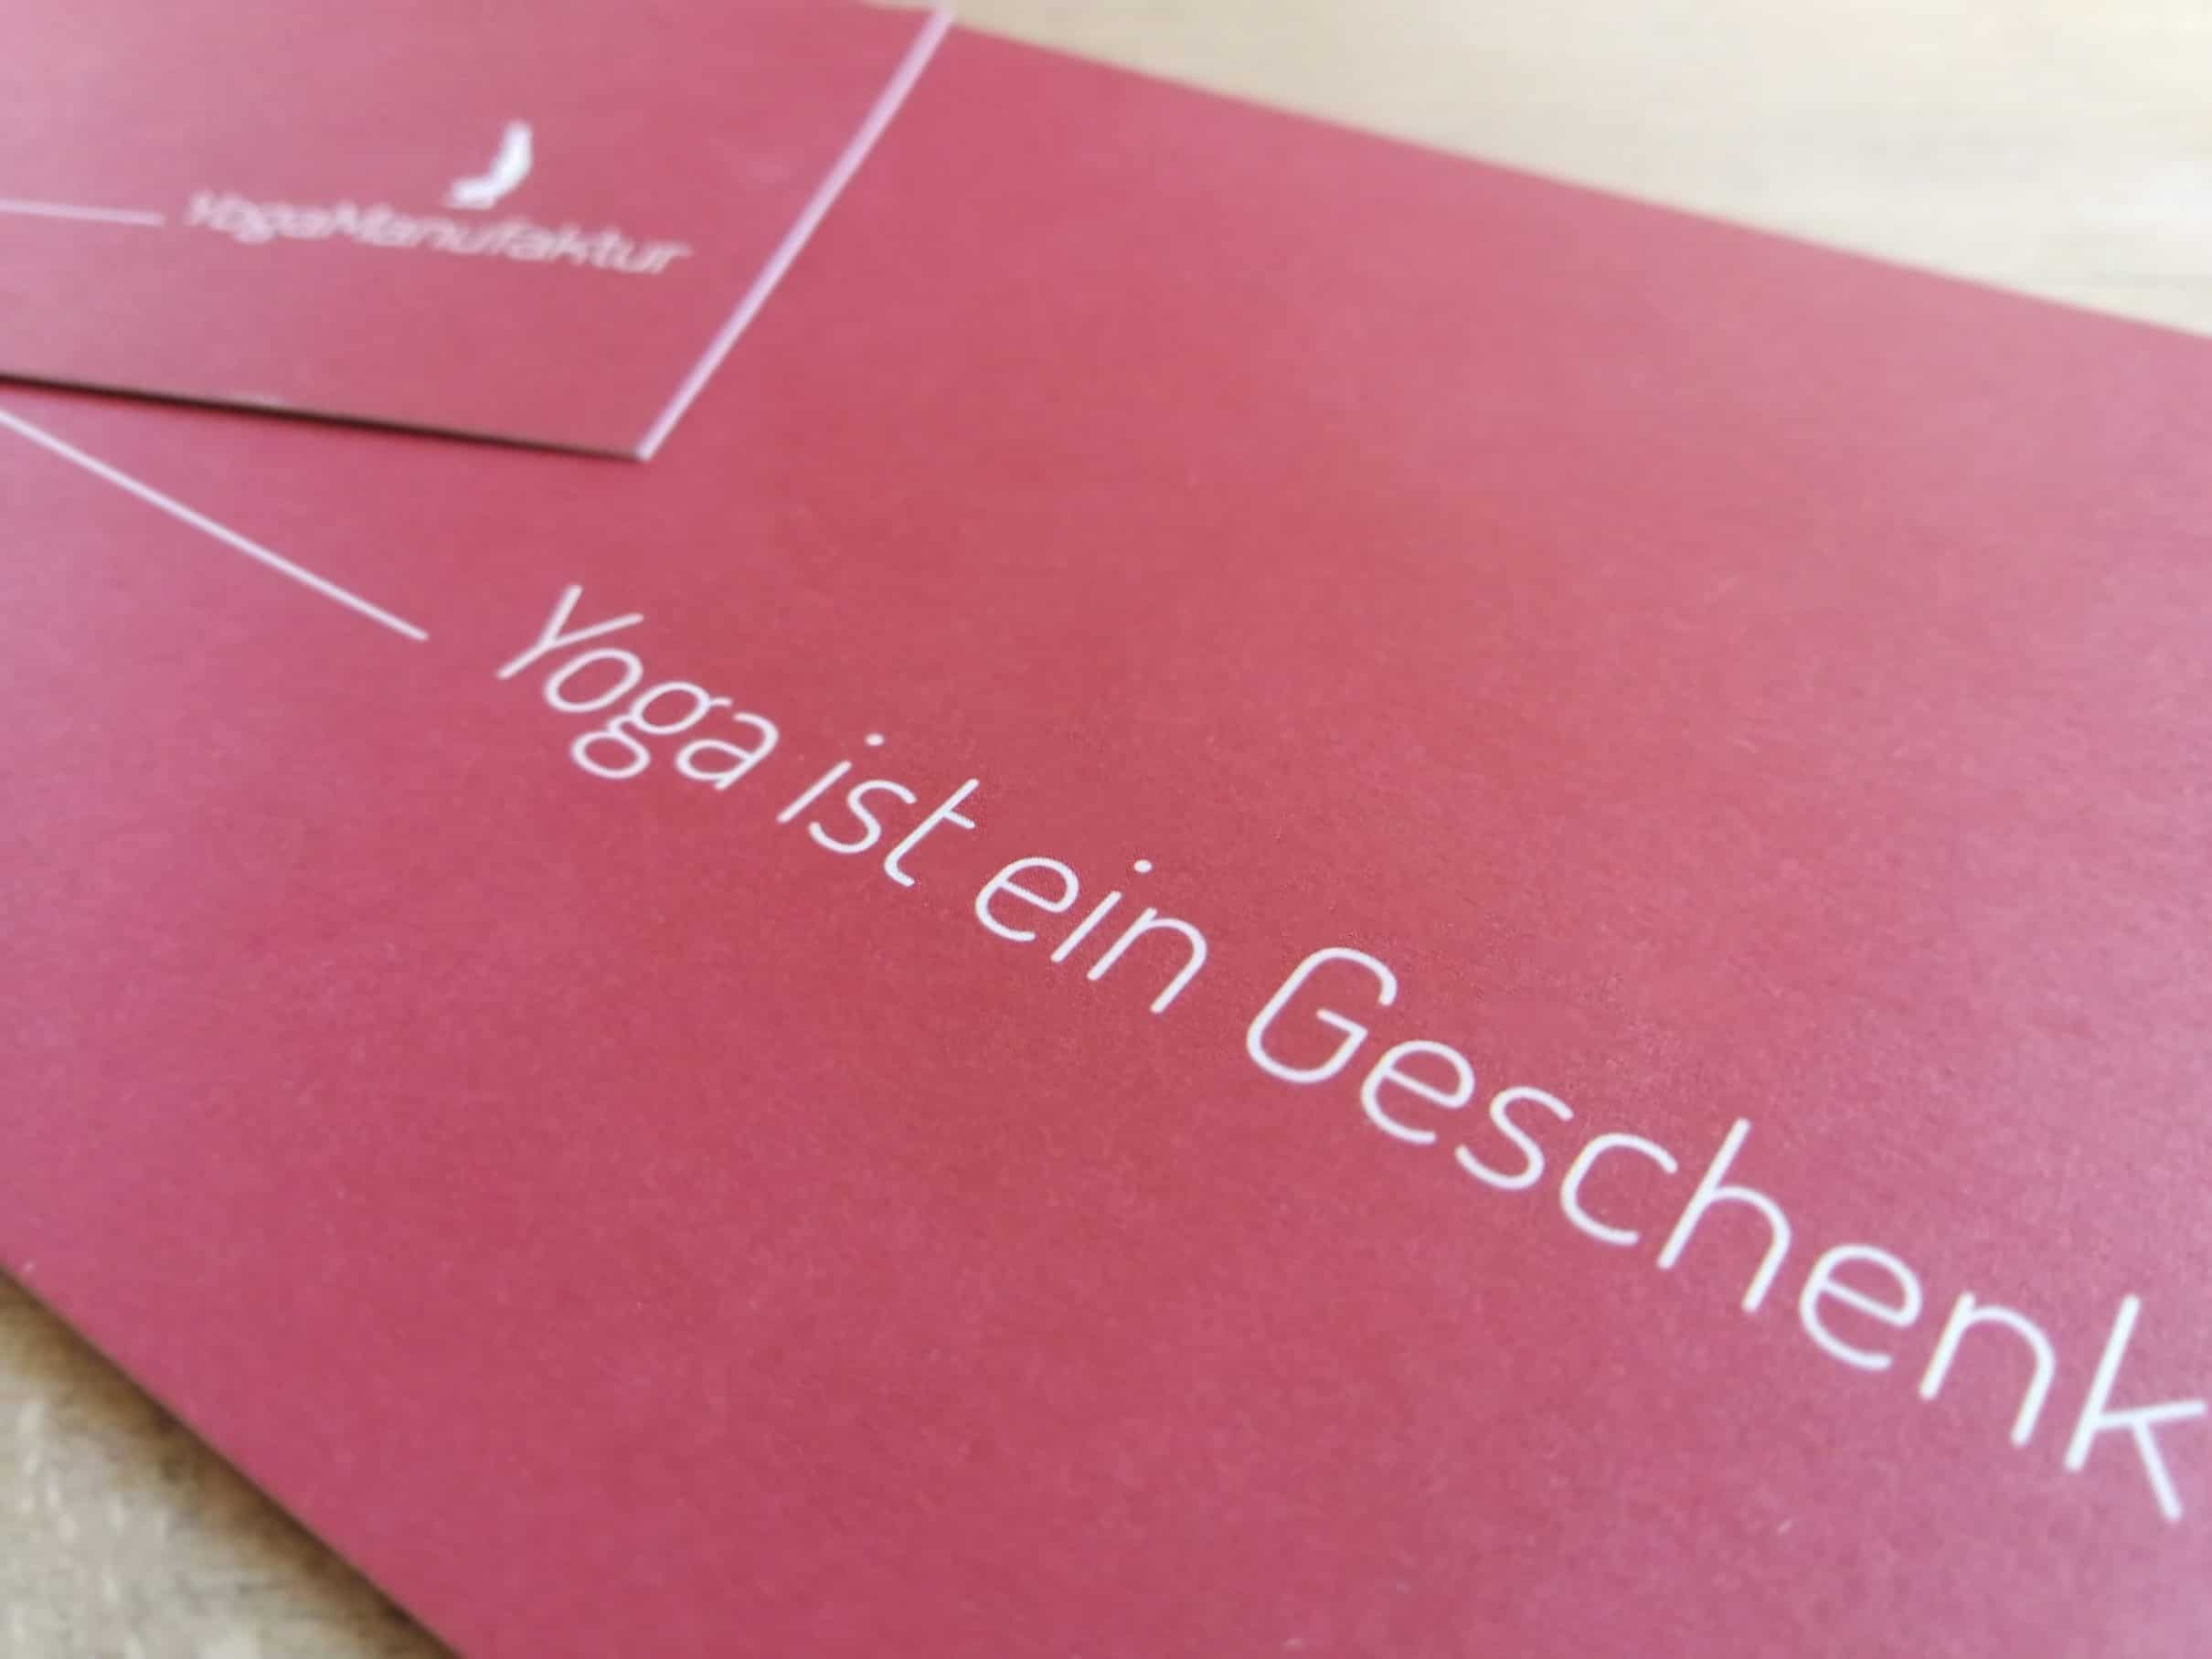 YogaManufaktur-Wuerzburg-Gutschein-min